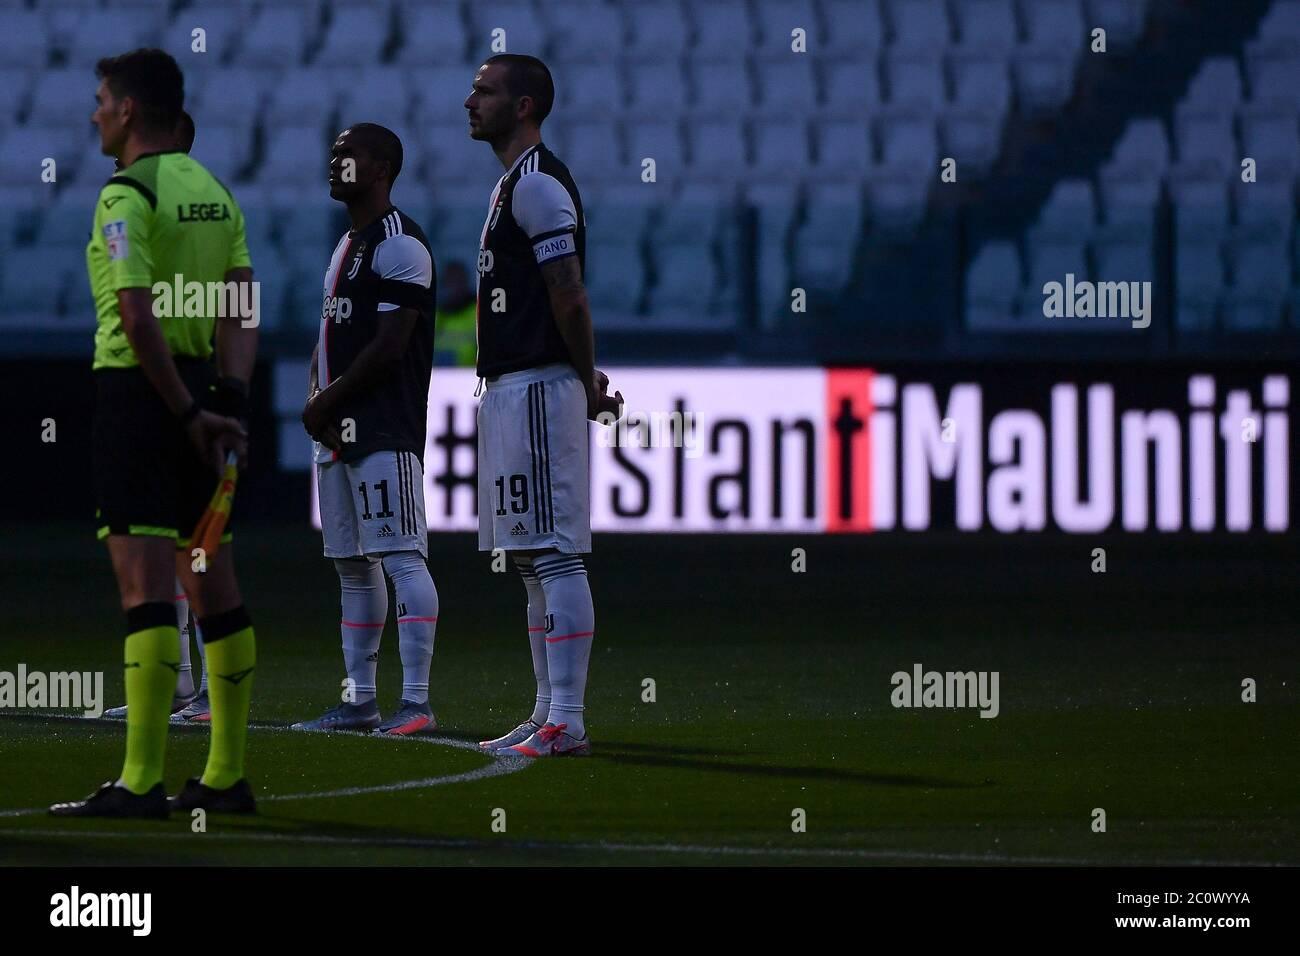 turin italy 12th june 2020 turin juventus milan italian cup 2019 2020 at juventus stadium behind alamy